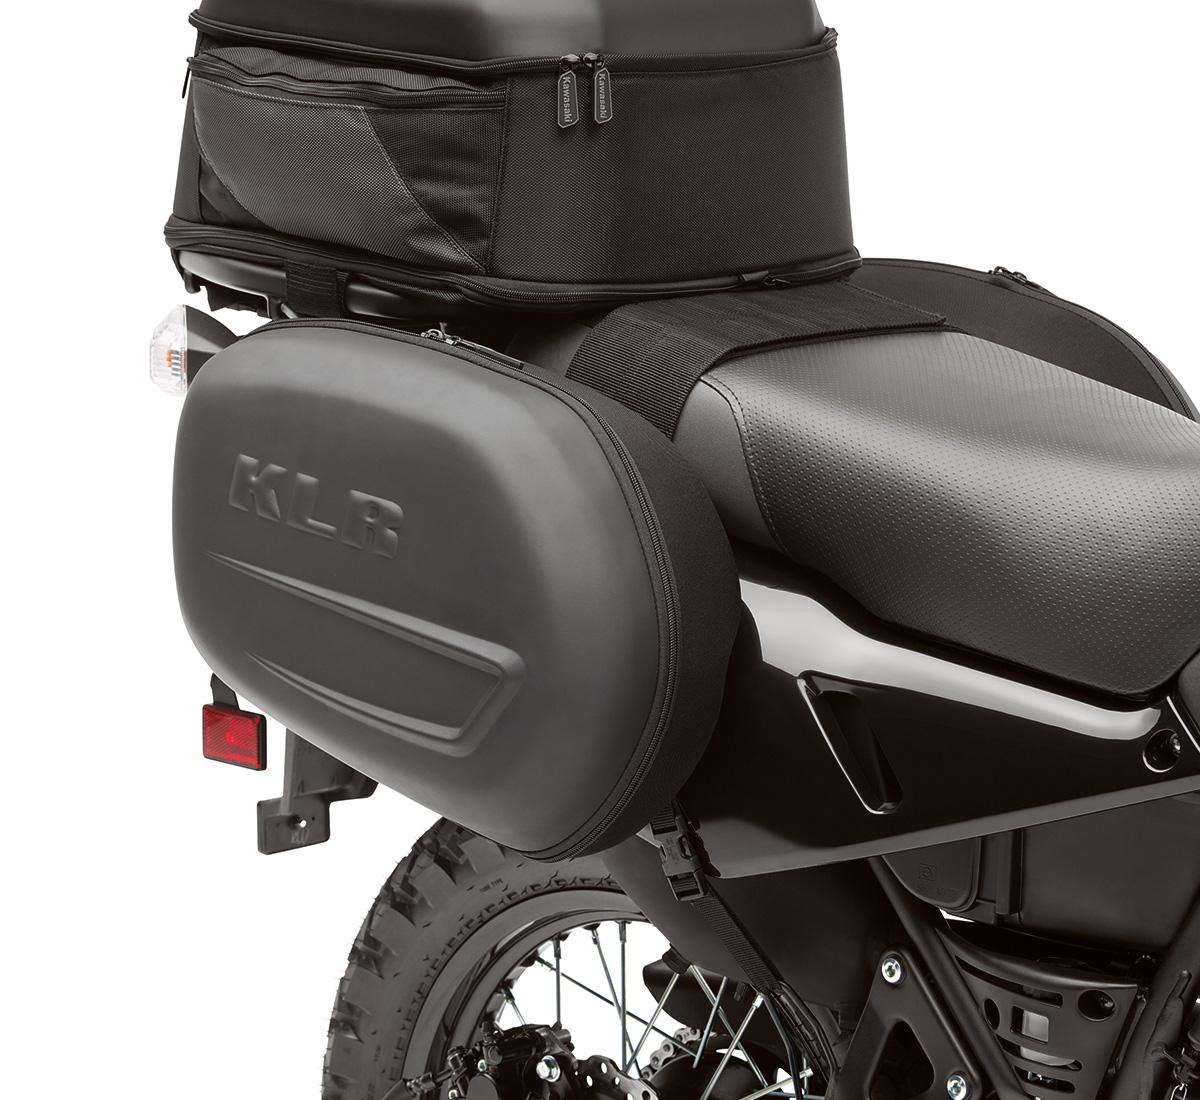 2018 Klr650 Klr Klx Motorcycle By Kawasaki 2003 Wiring Diagram Saddlebag Set